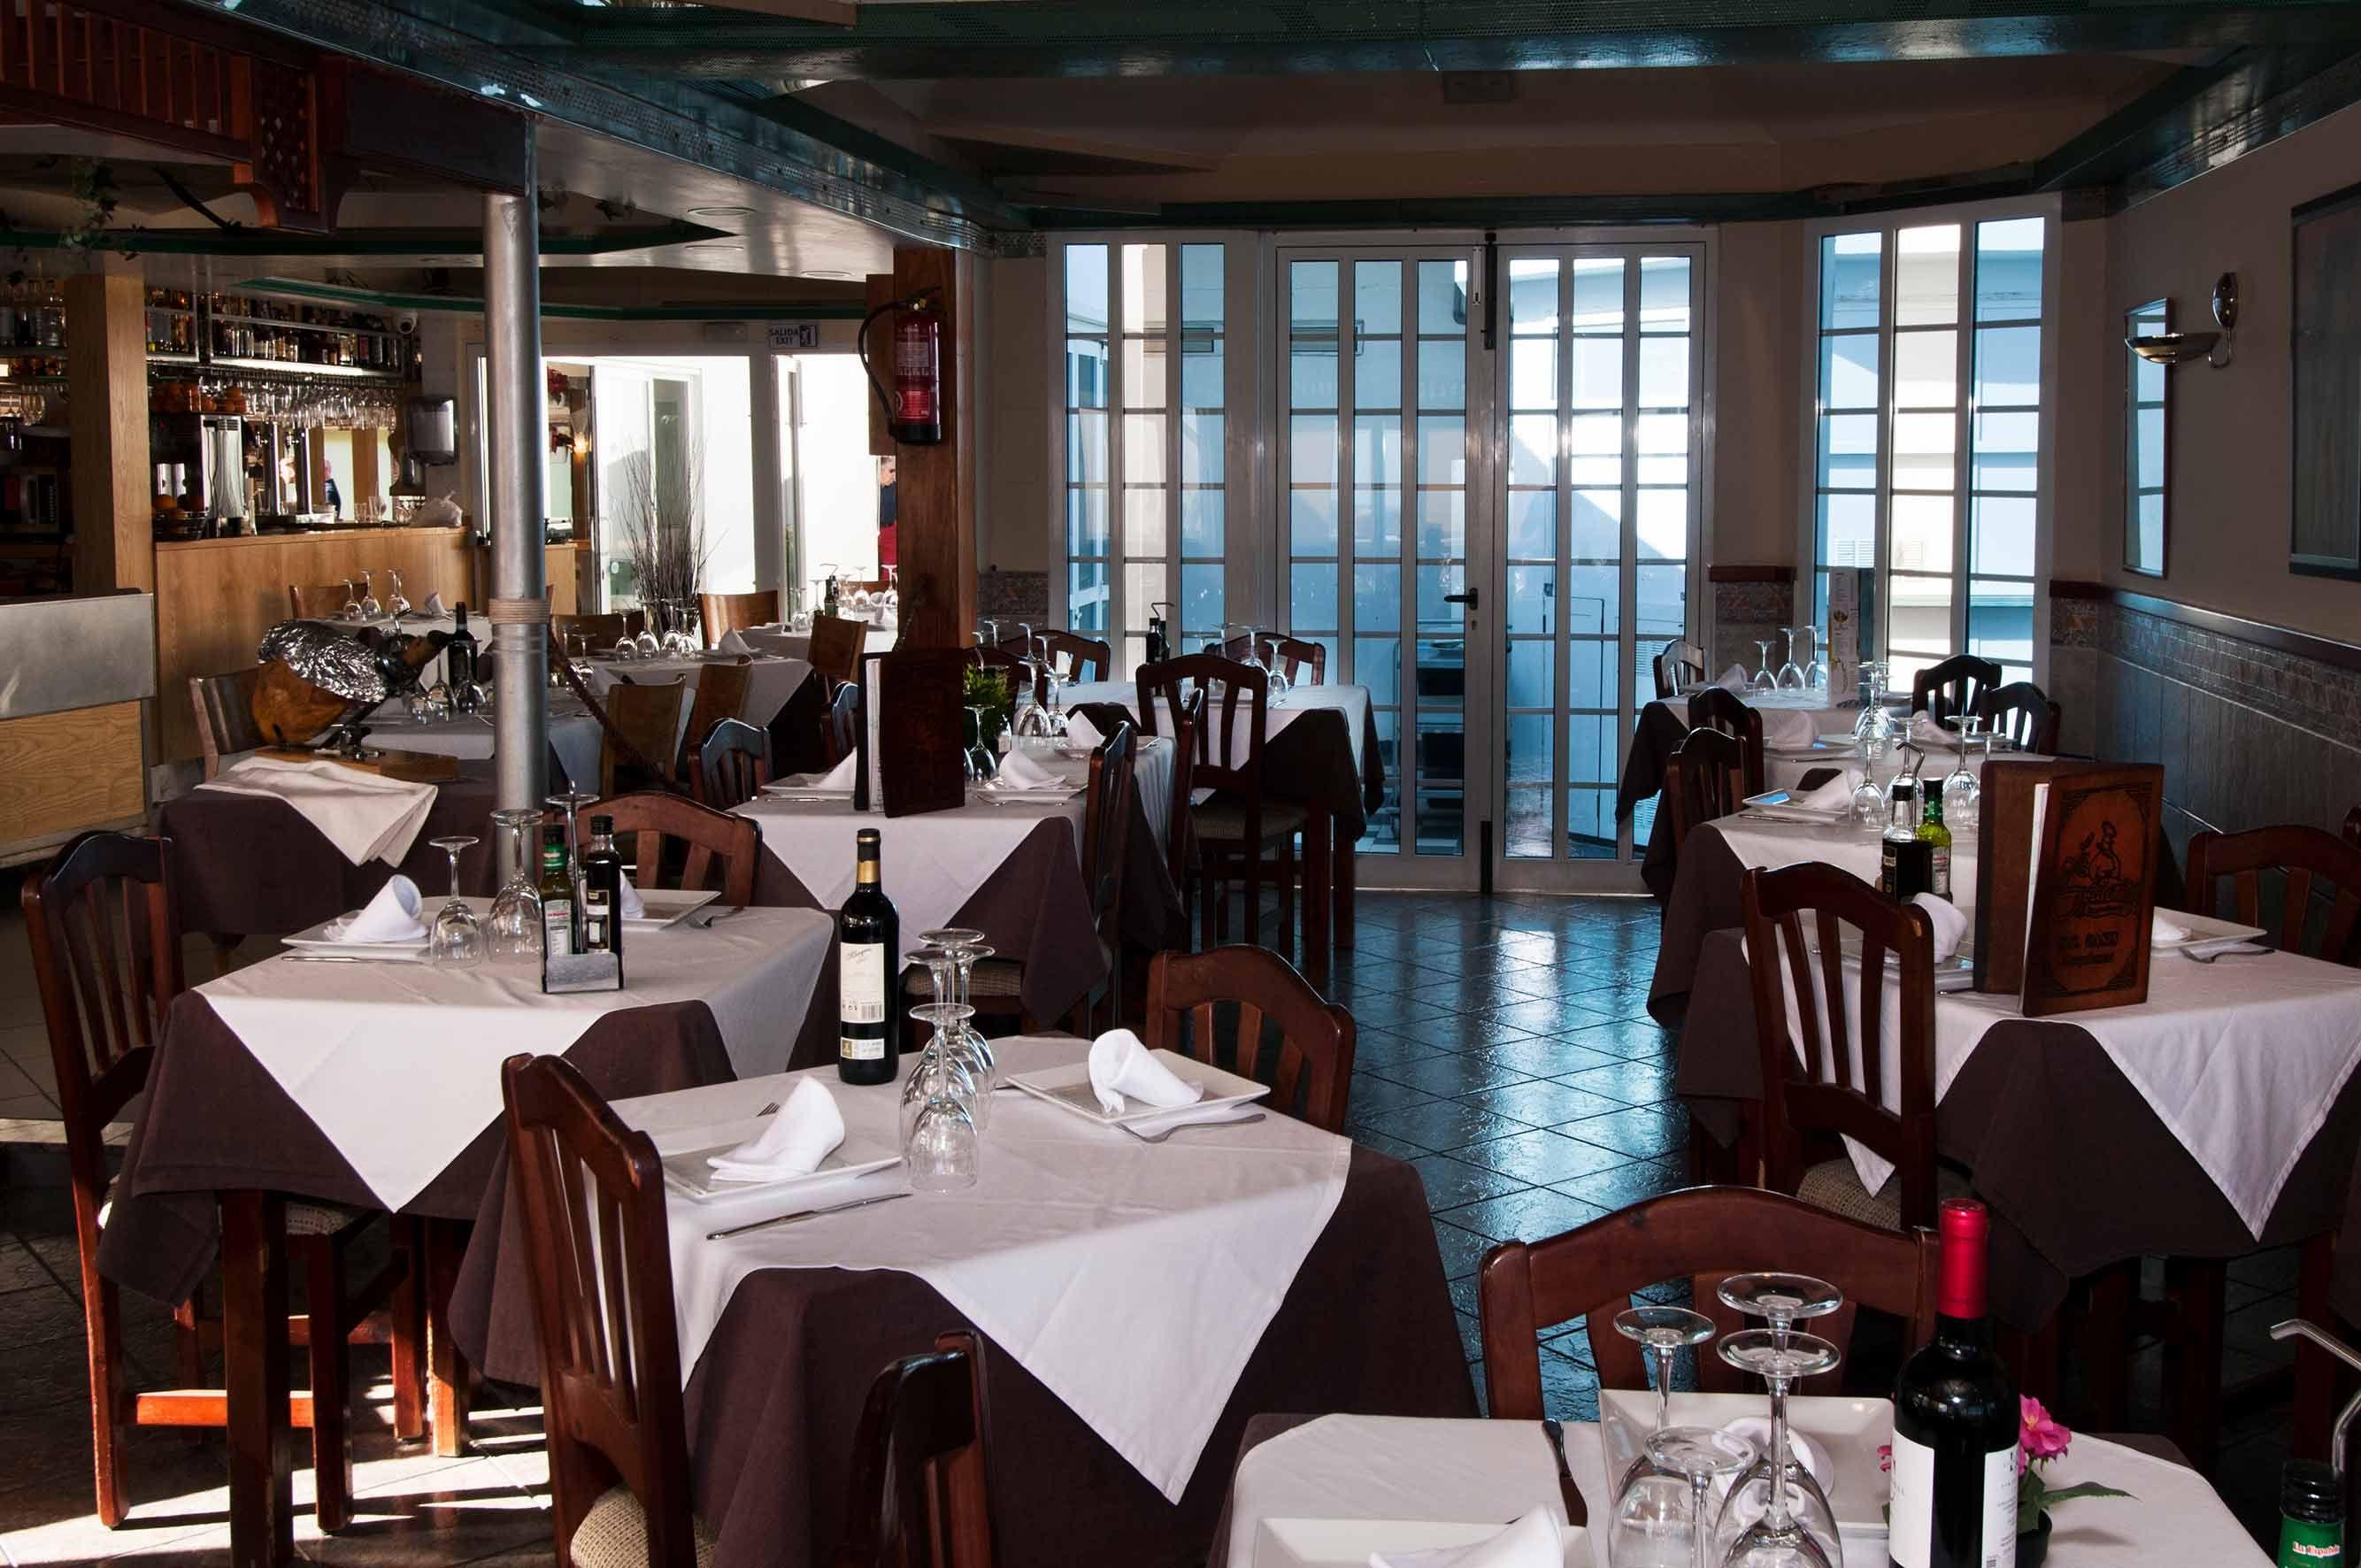 Foto 7 de Cocina internacional en Maspalomas | Restaurante Escaleritas